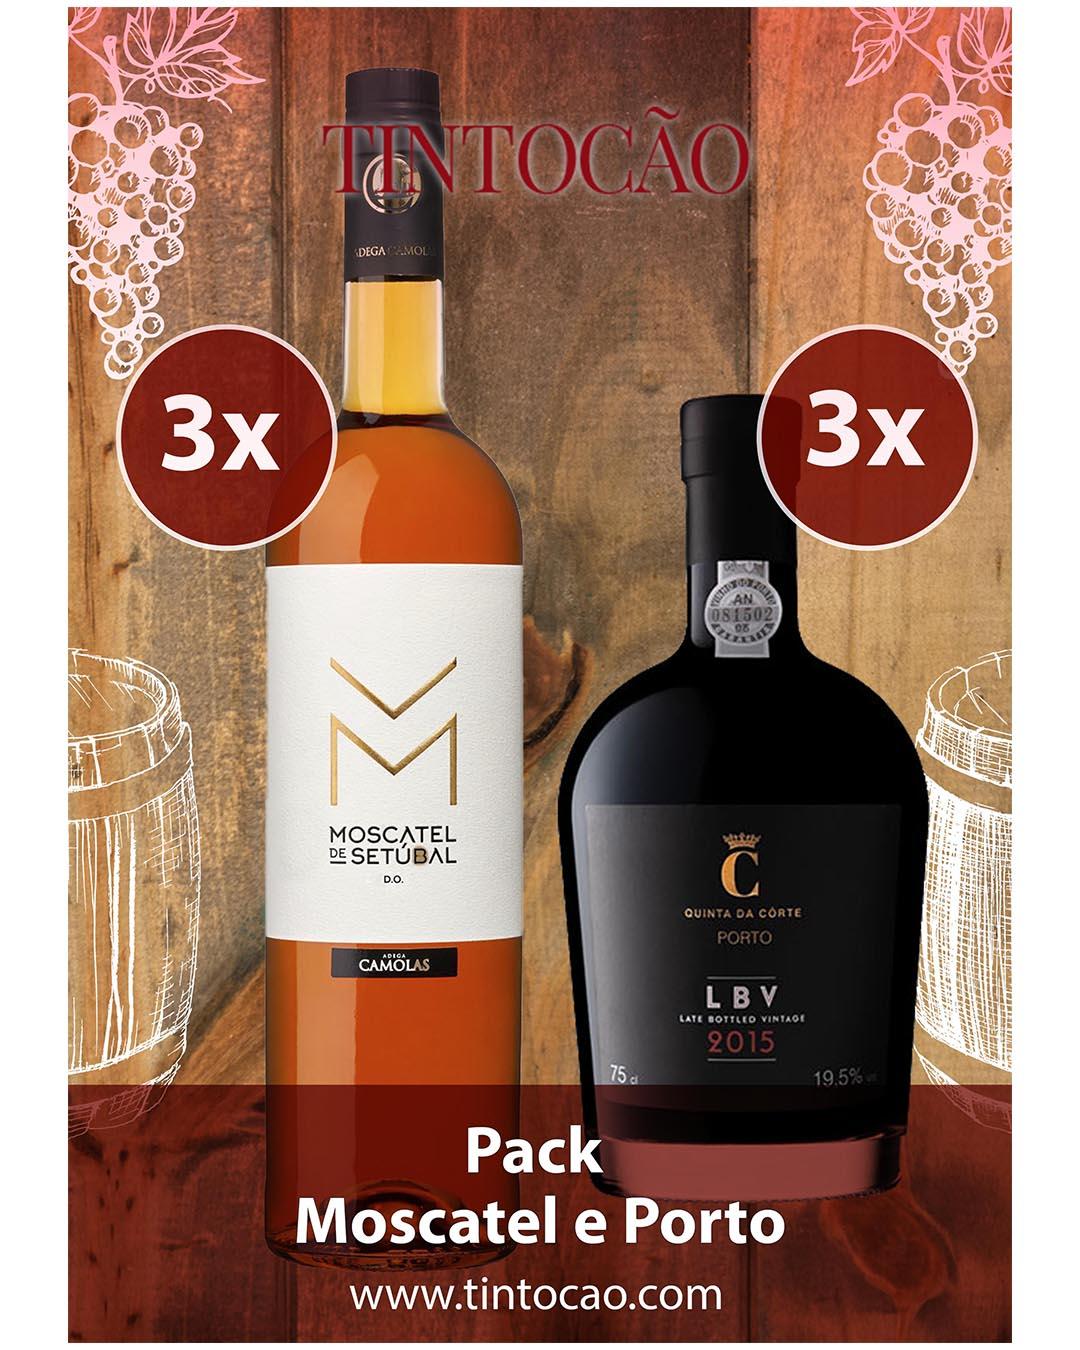 Pack Moscatel e Porto